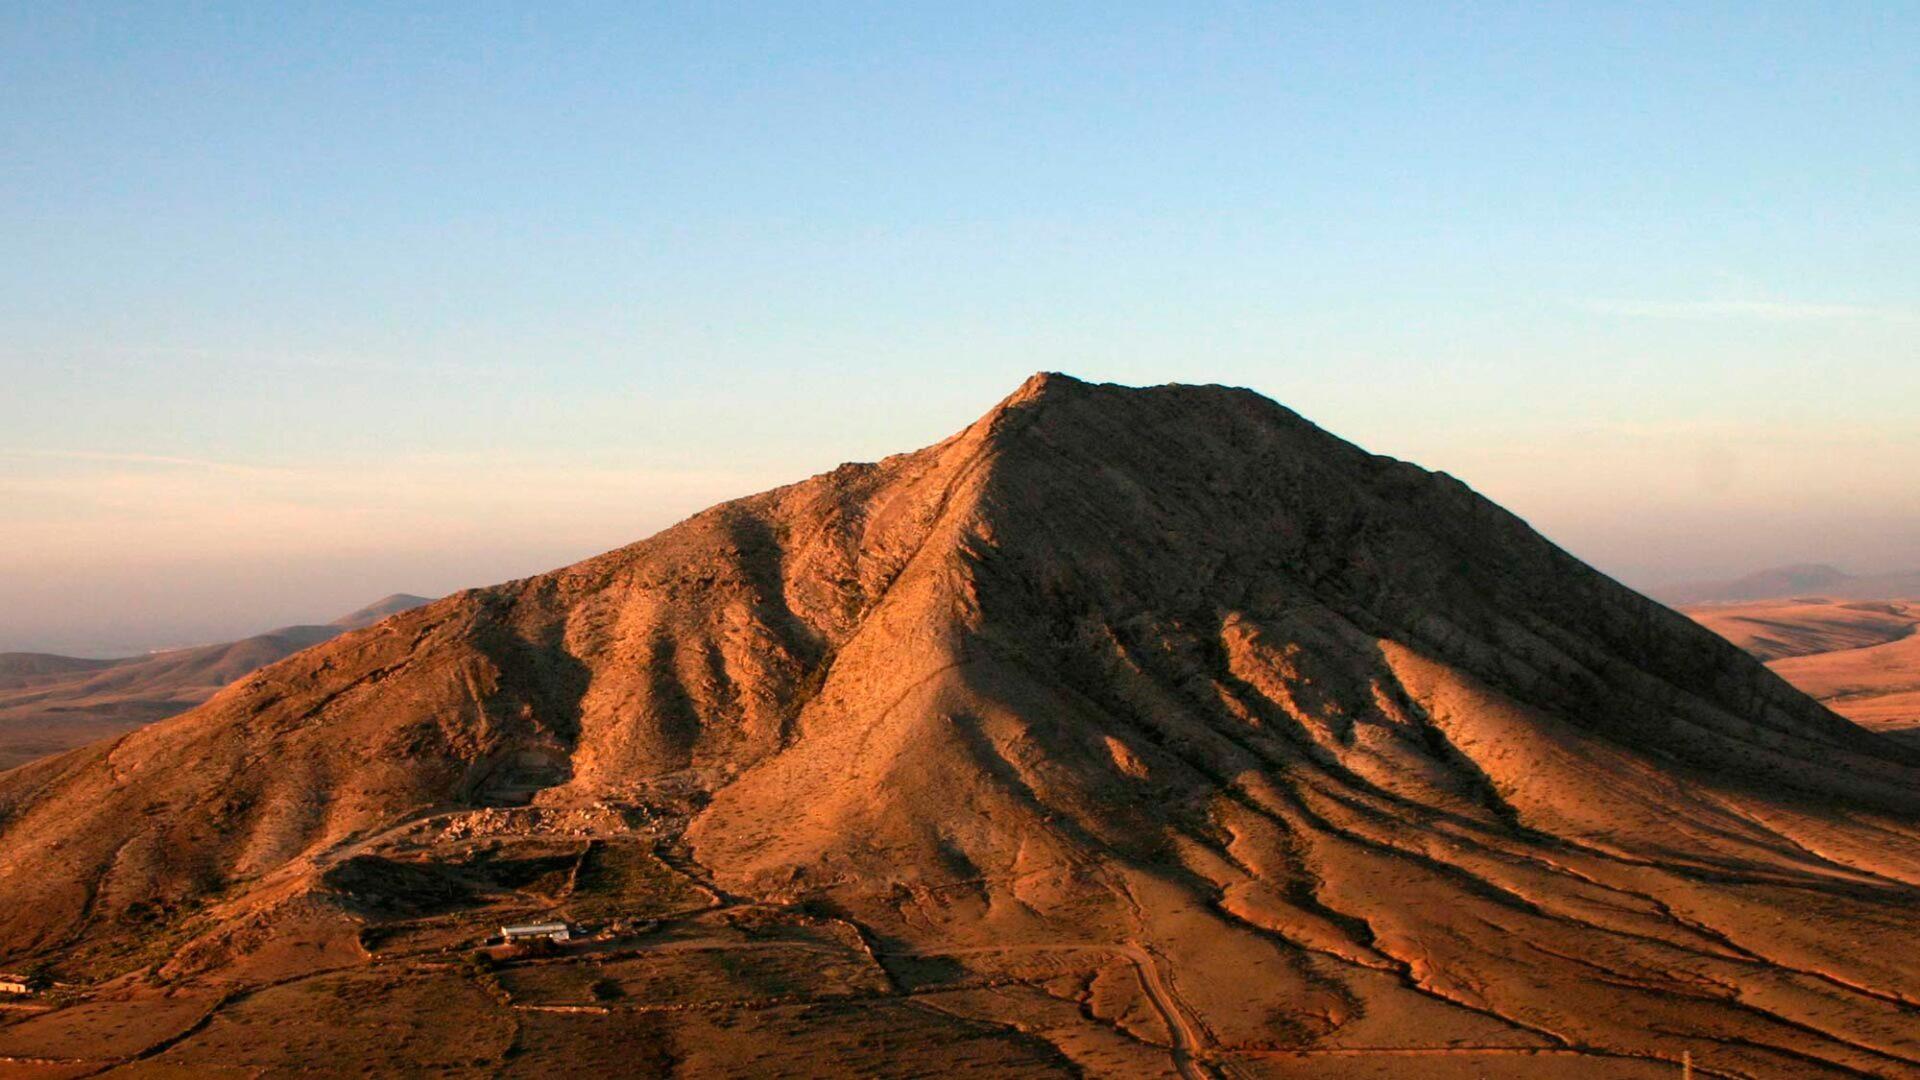 montaña tindaya fuerteventura